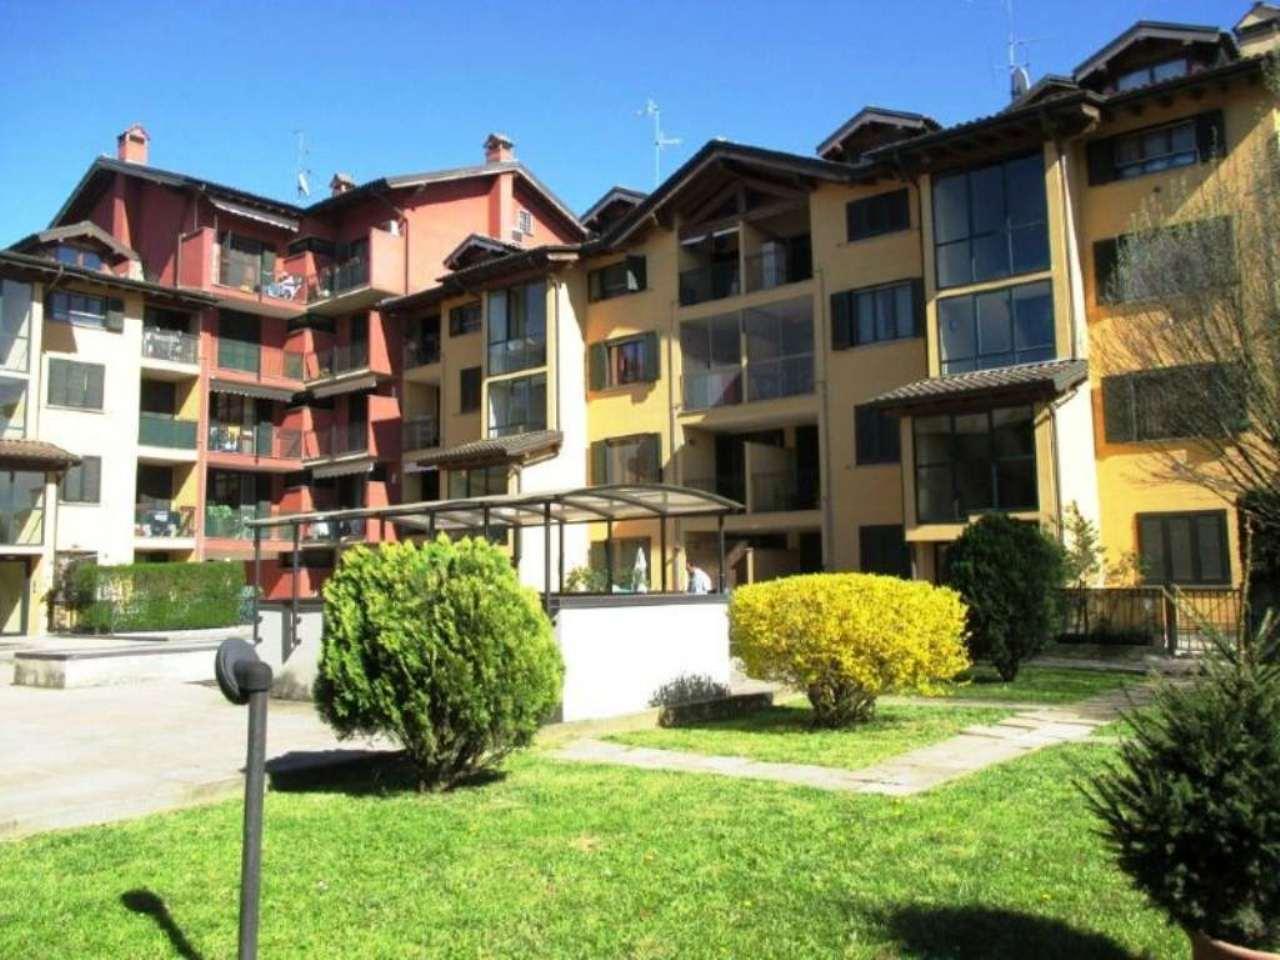 Appartamento in vendita a Landriano, 3 locali, prezzo € 137.000 | Cambio Casa.it